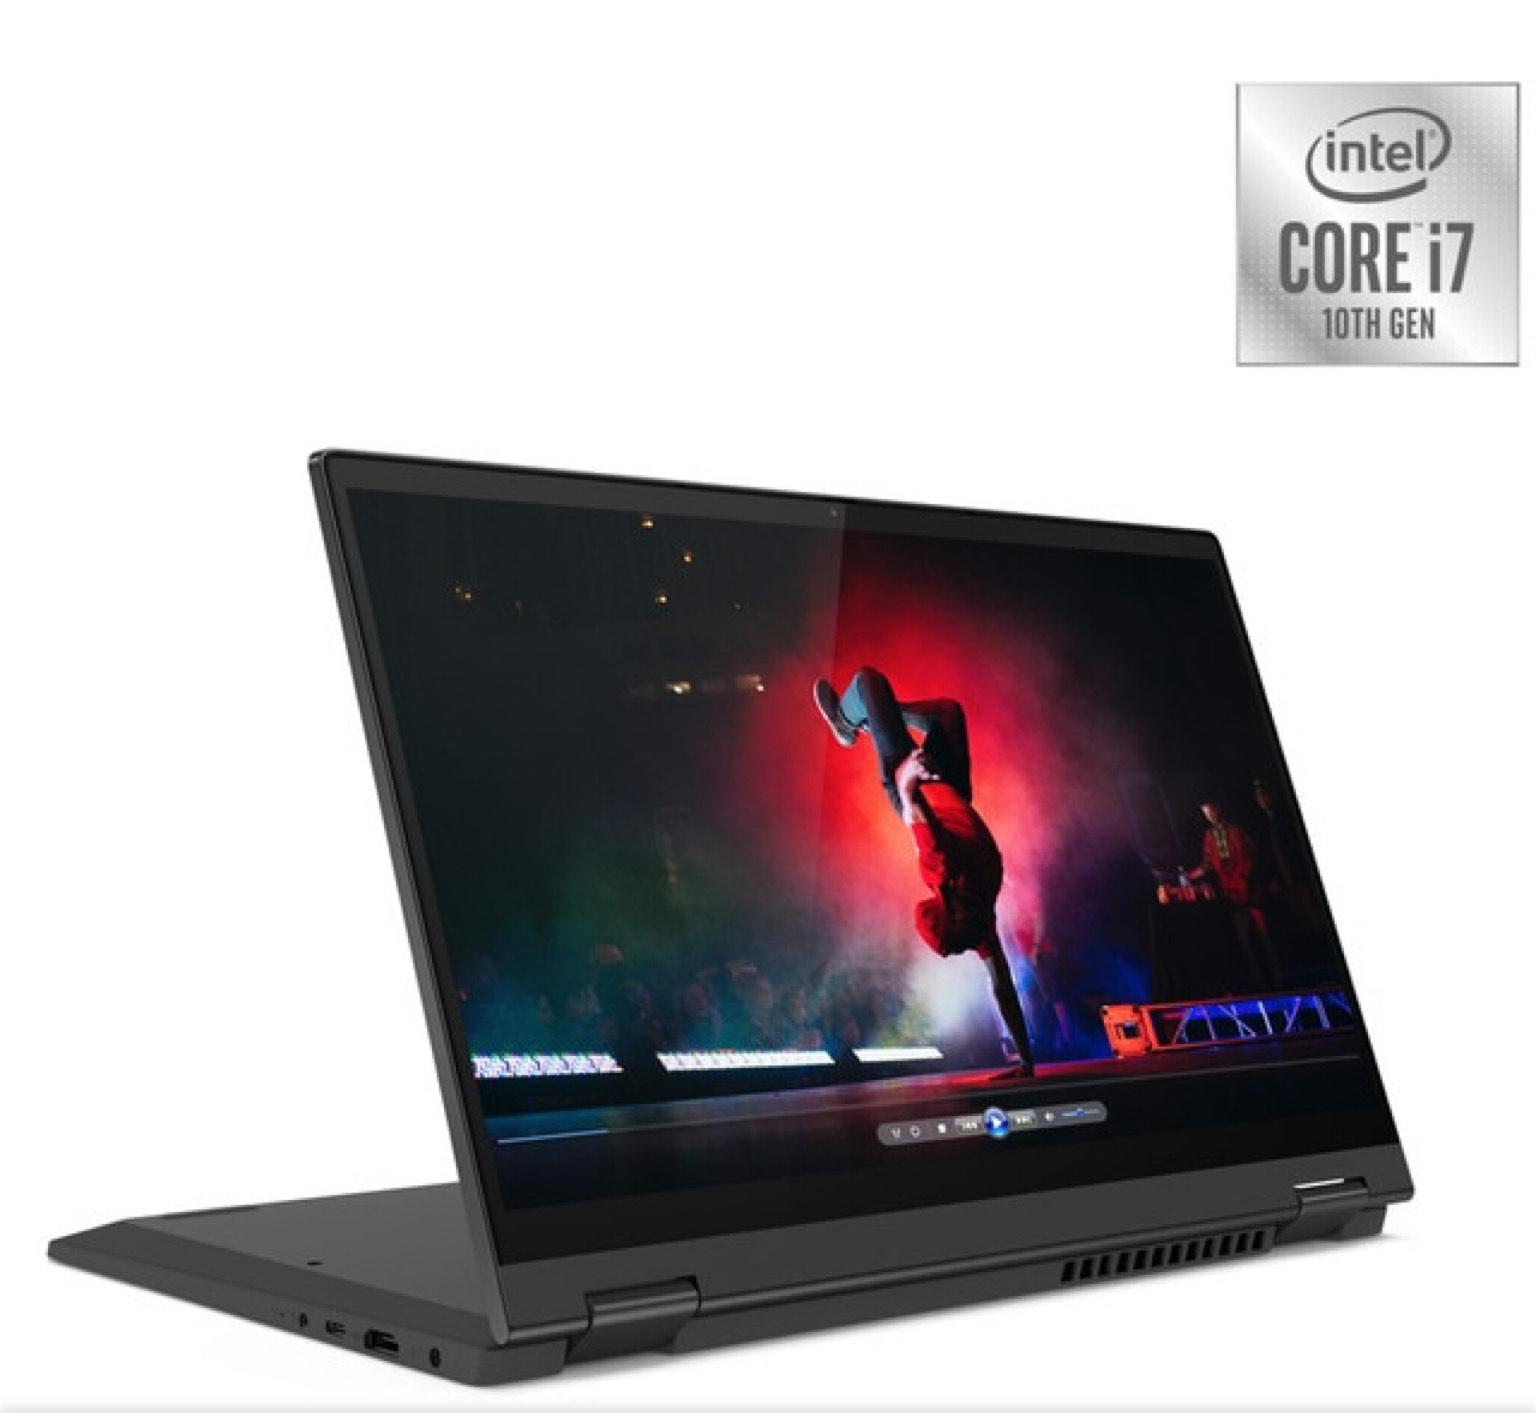 Lenovo IdeaPad Flex 5 4IIL05, i7, 8GB, 256GB SSD, GeForce MX330 2GB, W10